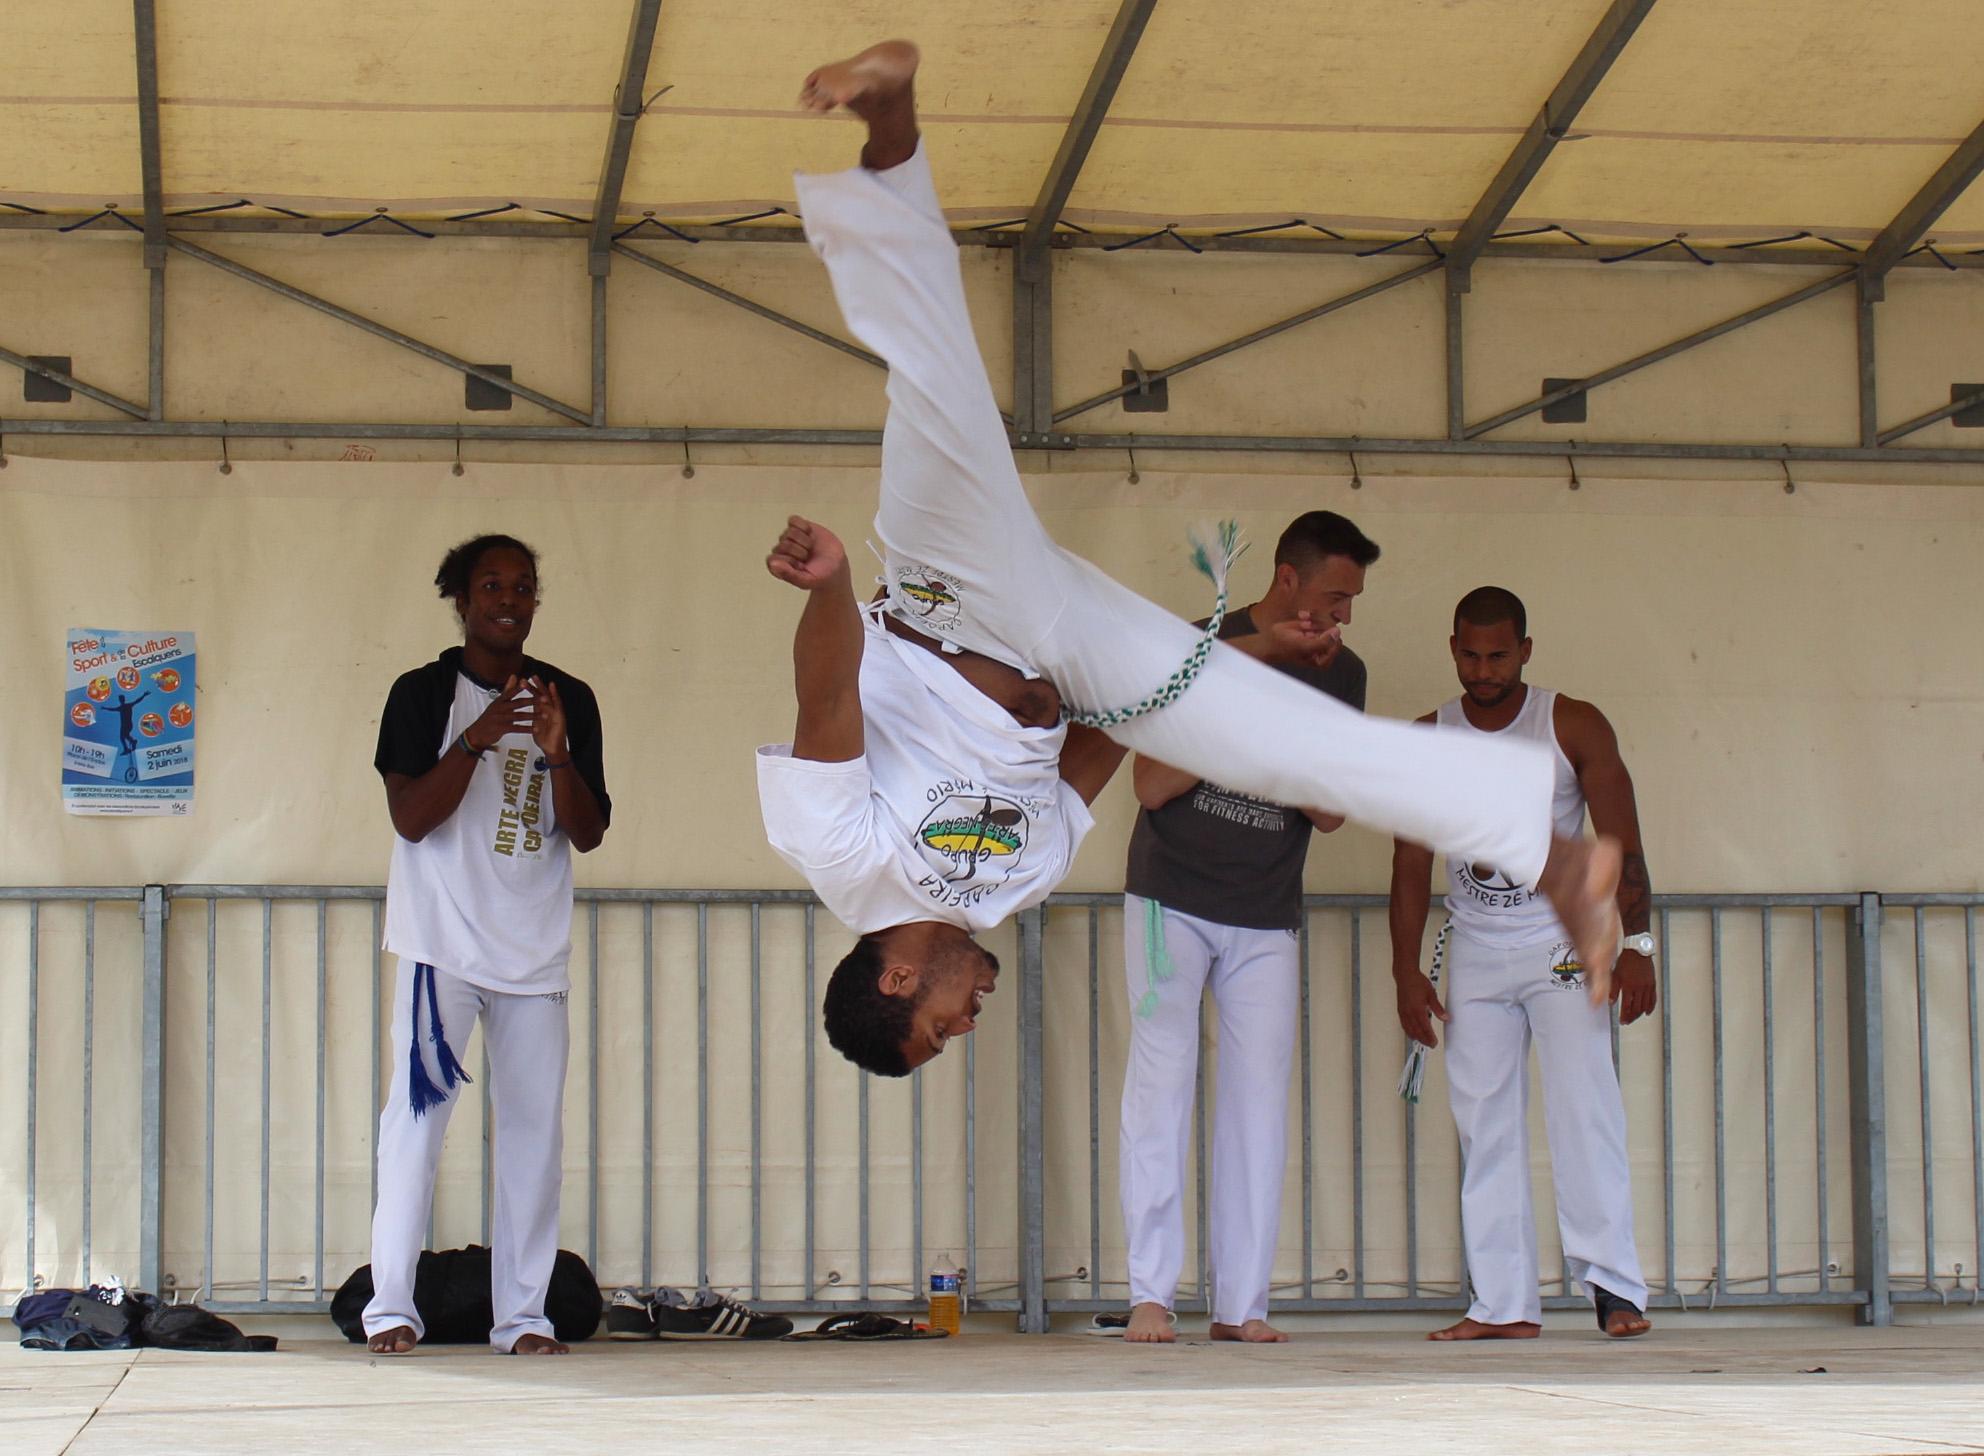 Démonstration à Escalquens de capoeira, salto